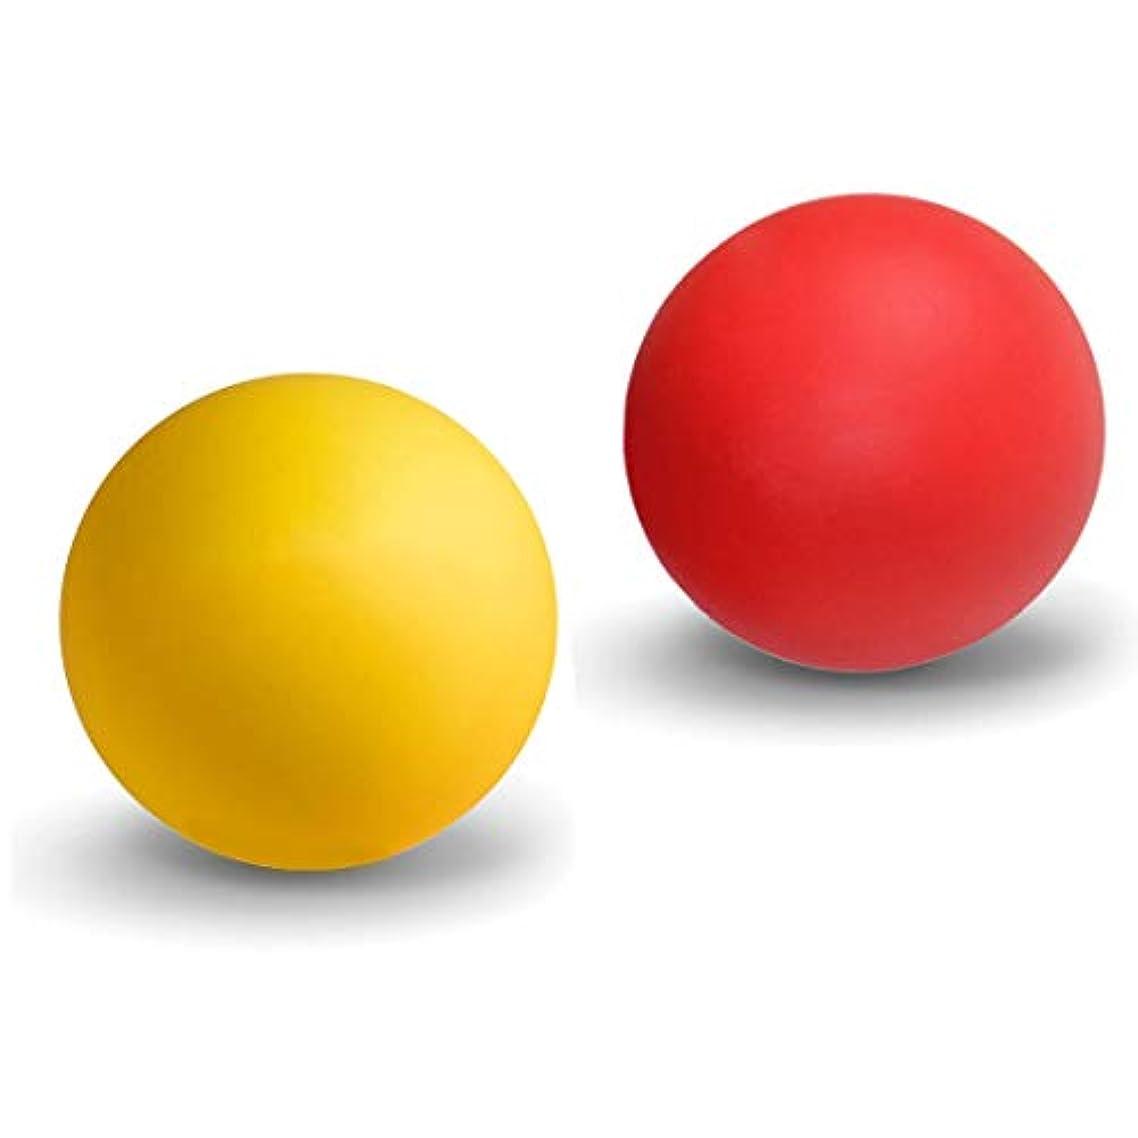 関与するシュガー叫ぶマッサージボール ストレッチボール トリガーポイント ラクロスボール 筋膜リリース トレーニング 指圧ボールマッスルマッサージボール 背中 肩こり 腰 ふくらはぎ 足裏 ツボ押しグッズ 2で1組み合わせ 2個 セット